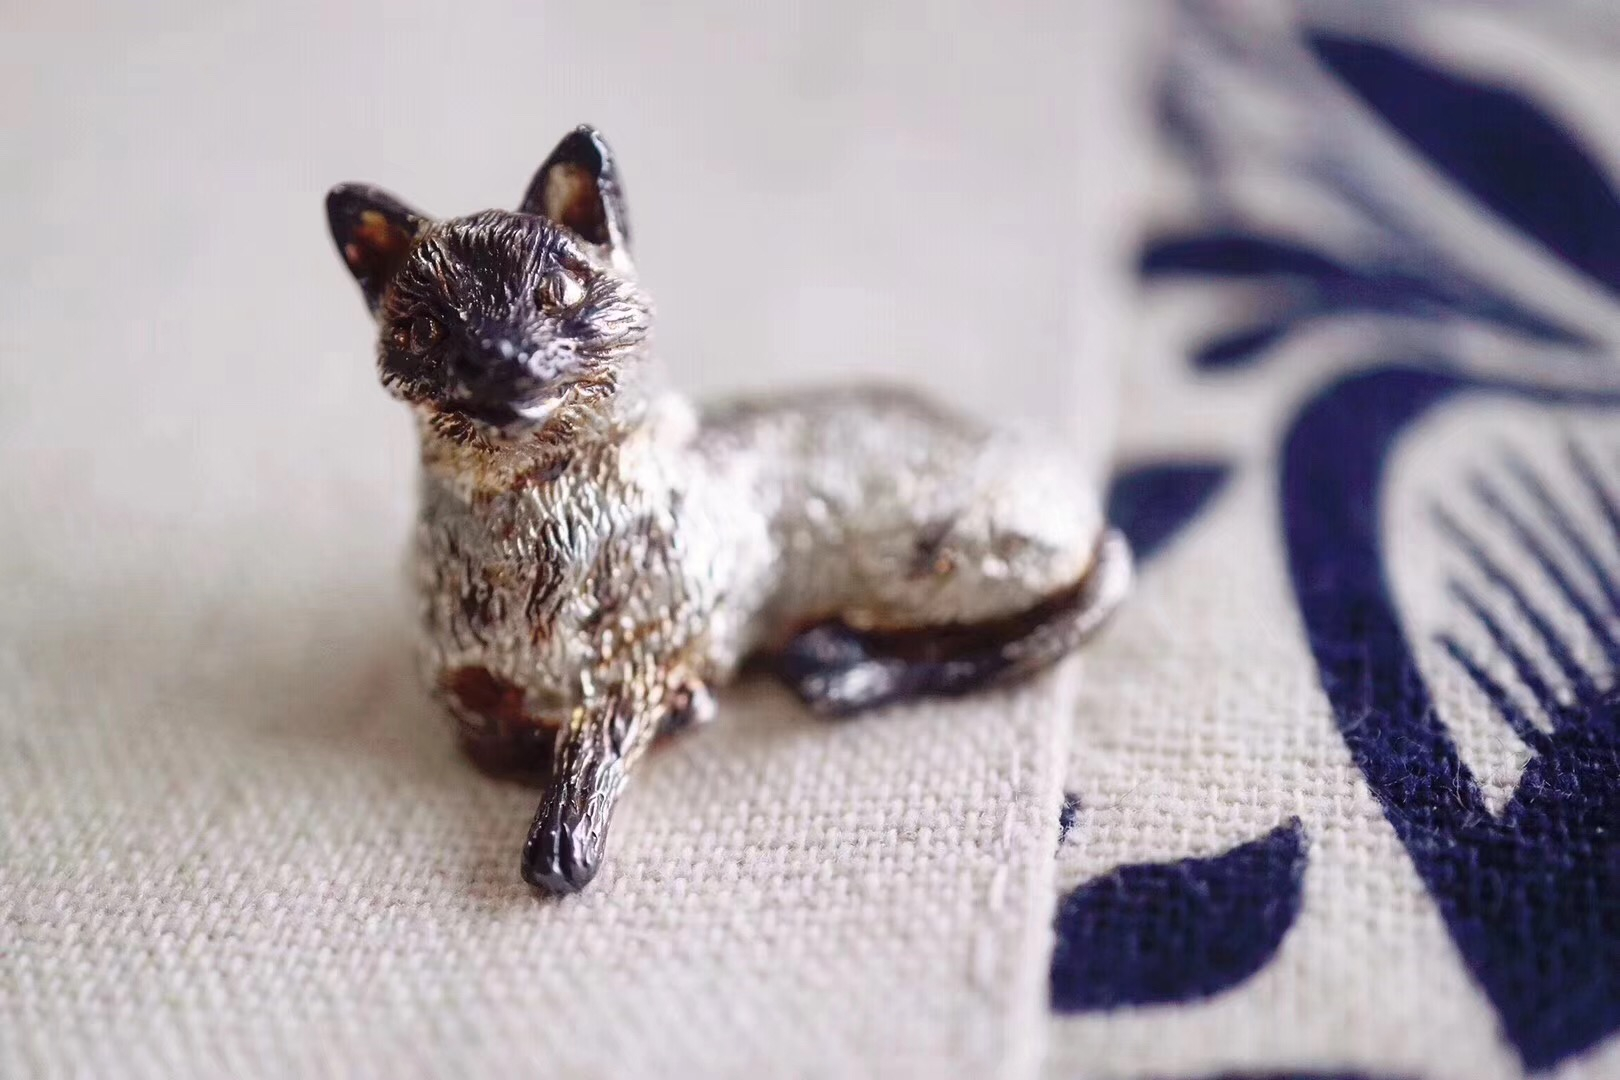 【菩心-胎毛定制】今日份的幸福卡,为小猫咪而抽。-菩心晶舍